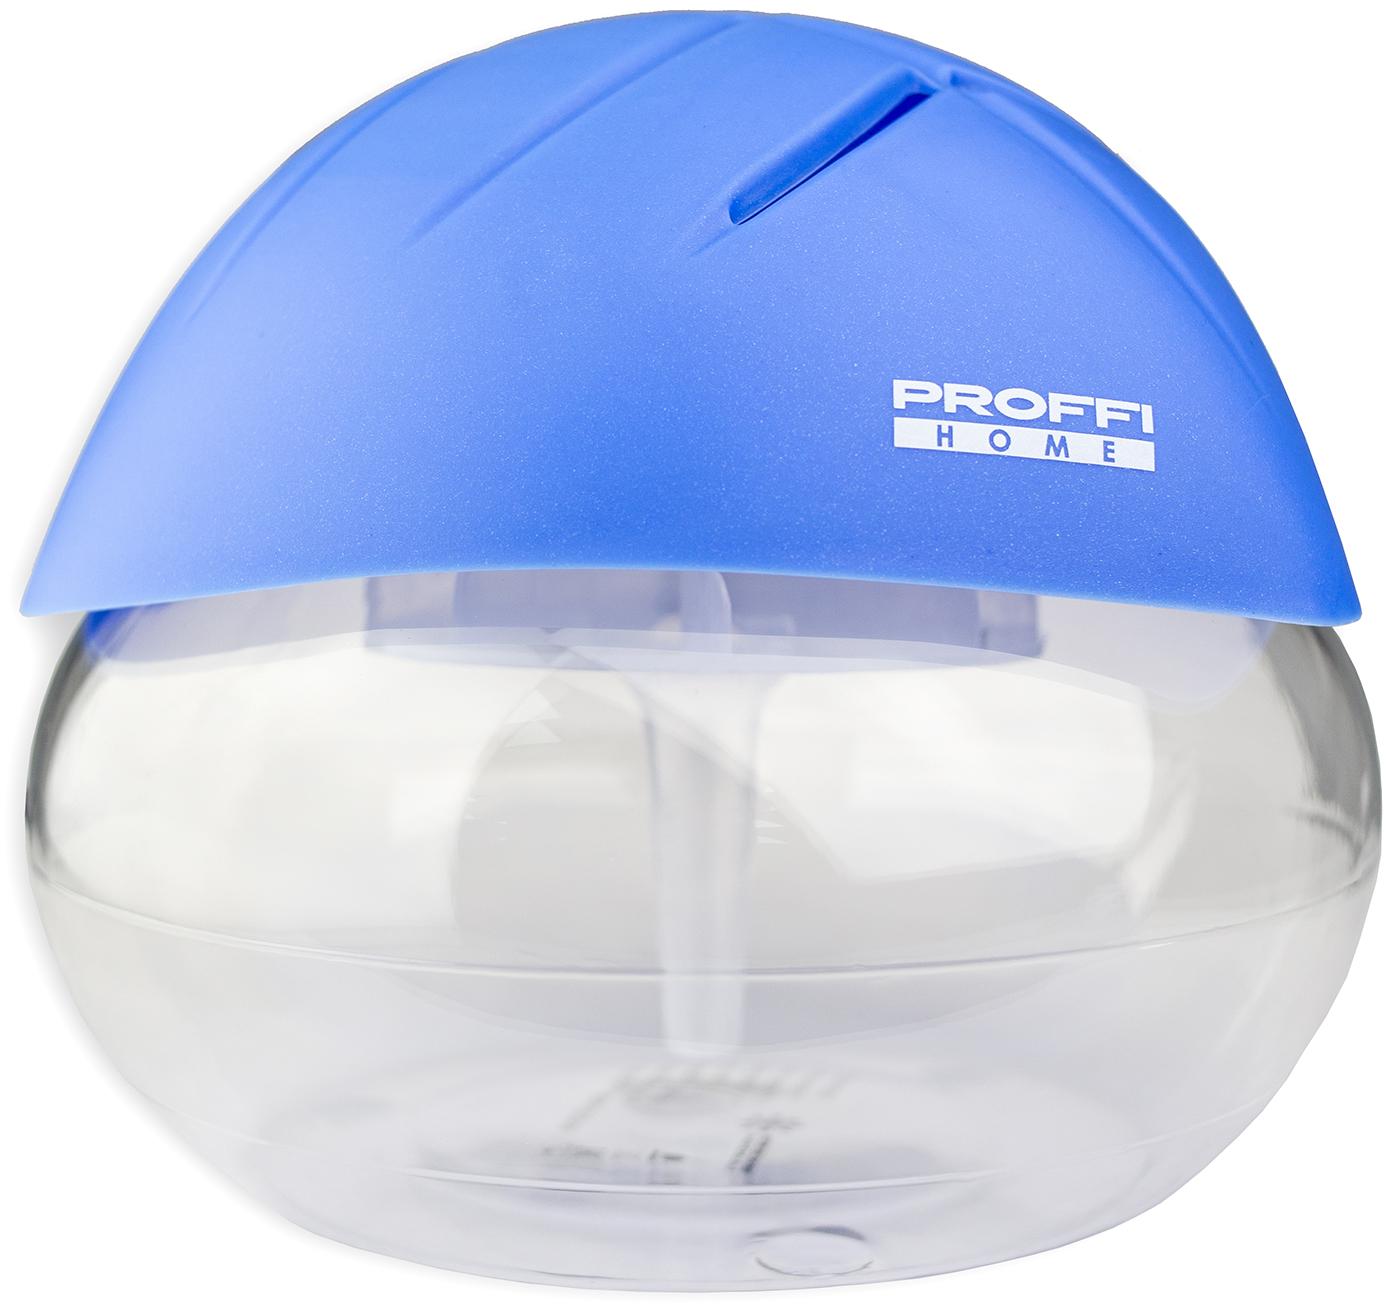 Увлажнитель воздуха PROFFI PH8791 (3 в 1- увлажнитель, мойка воздуха, ночник), прозрачный, синий увлажнитель воздуха ютуб